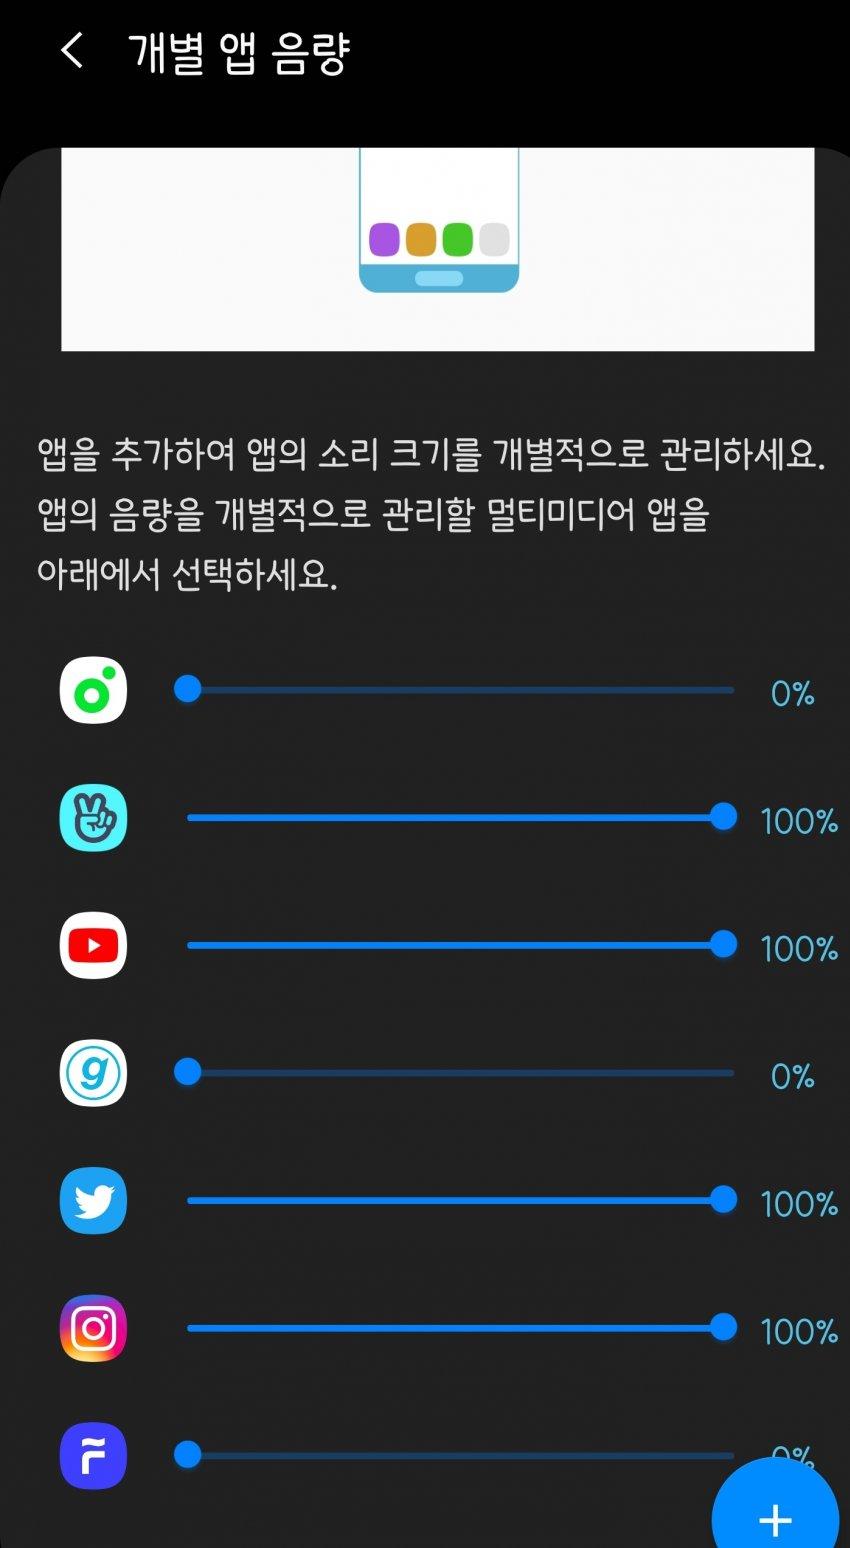 viewimage.php?id=2fb1d125eec231a865&no=24b0d769e1d32ca73fec87fa11d0283168a8dd5d0373ee31e5f23e84e625877360933745d668688127d3888b8f2f1d3099501e99804574a59793c1cf0e69ce6d43ce2d0dab86de3bec1056ab0ac81a4b72a1d8d32ae27168e012707860d479485642ad78ced96e9b8cd7599462da